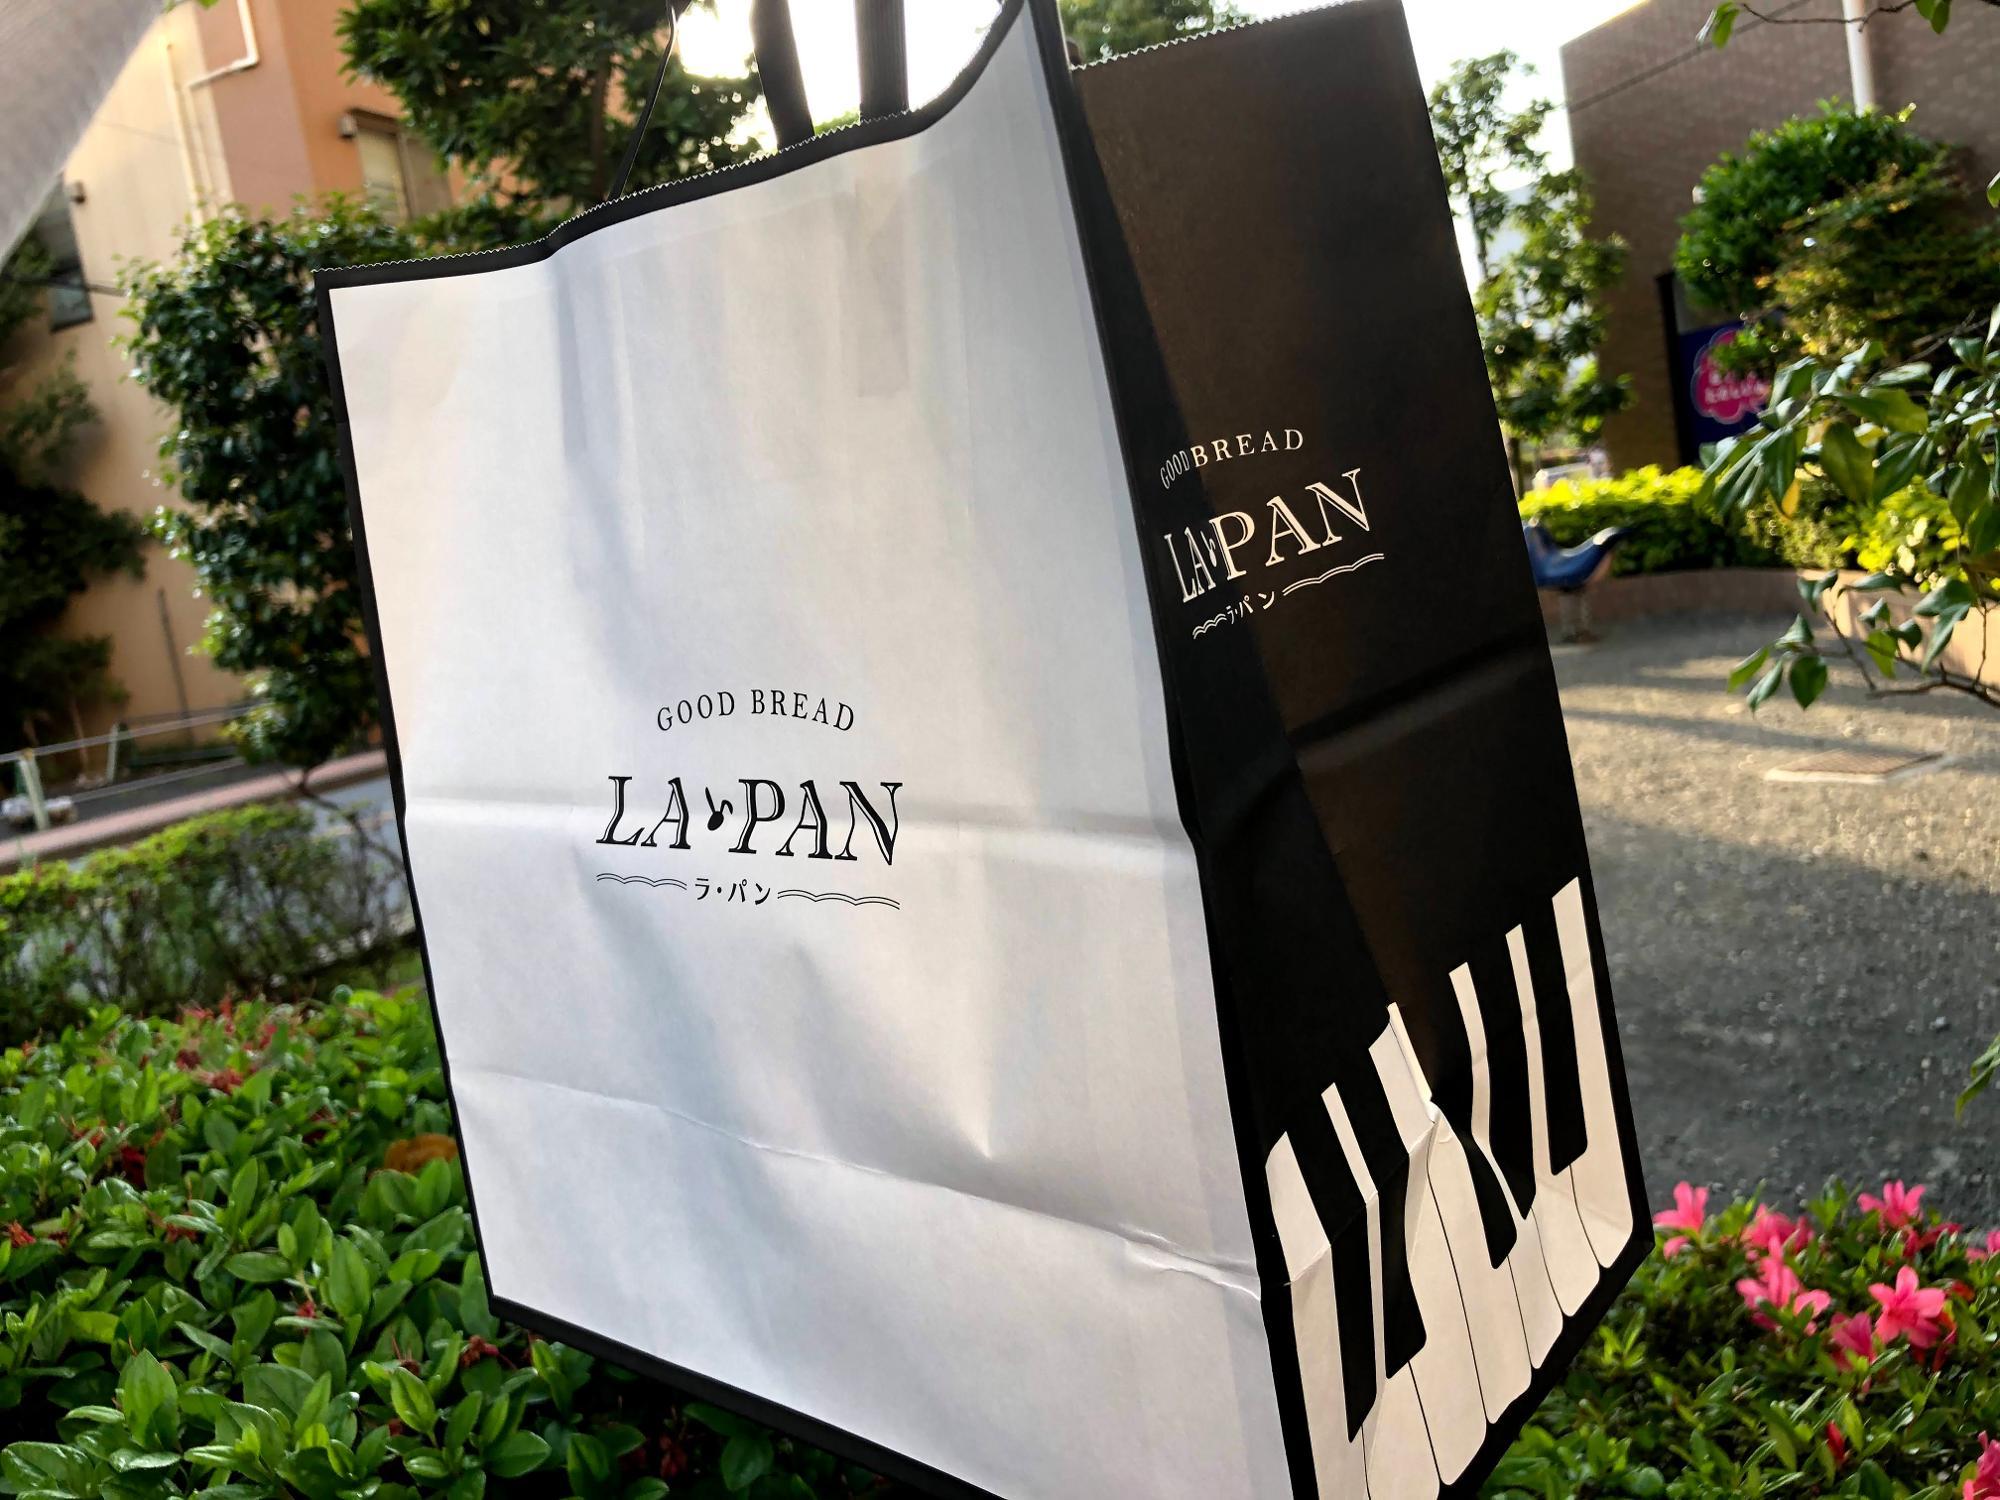 ラ・パンの紙袋はピアノのデザイン